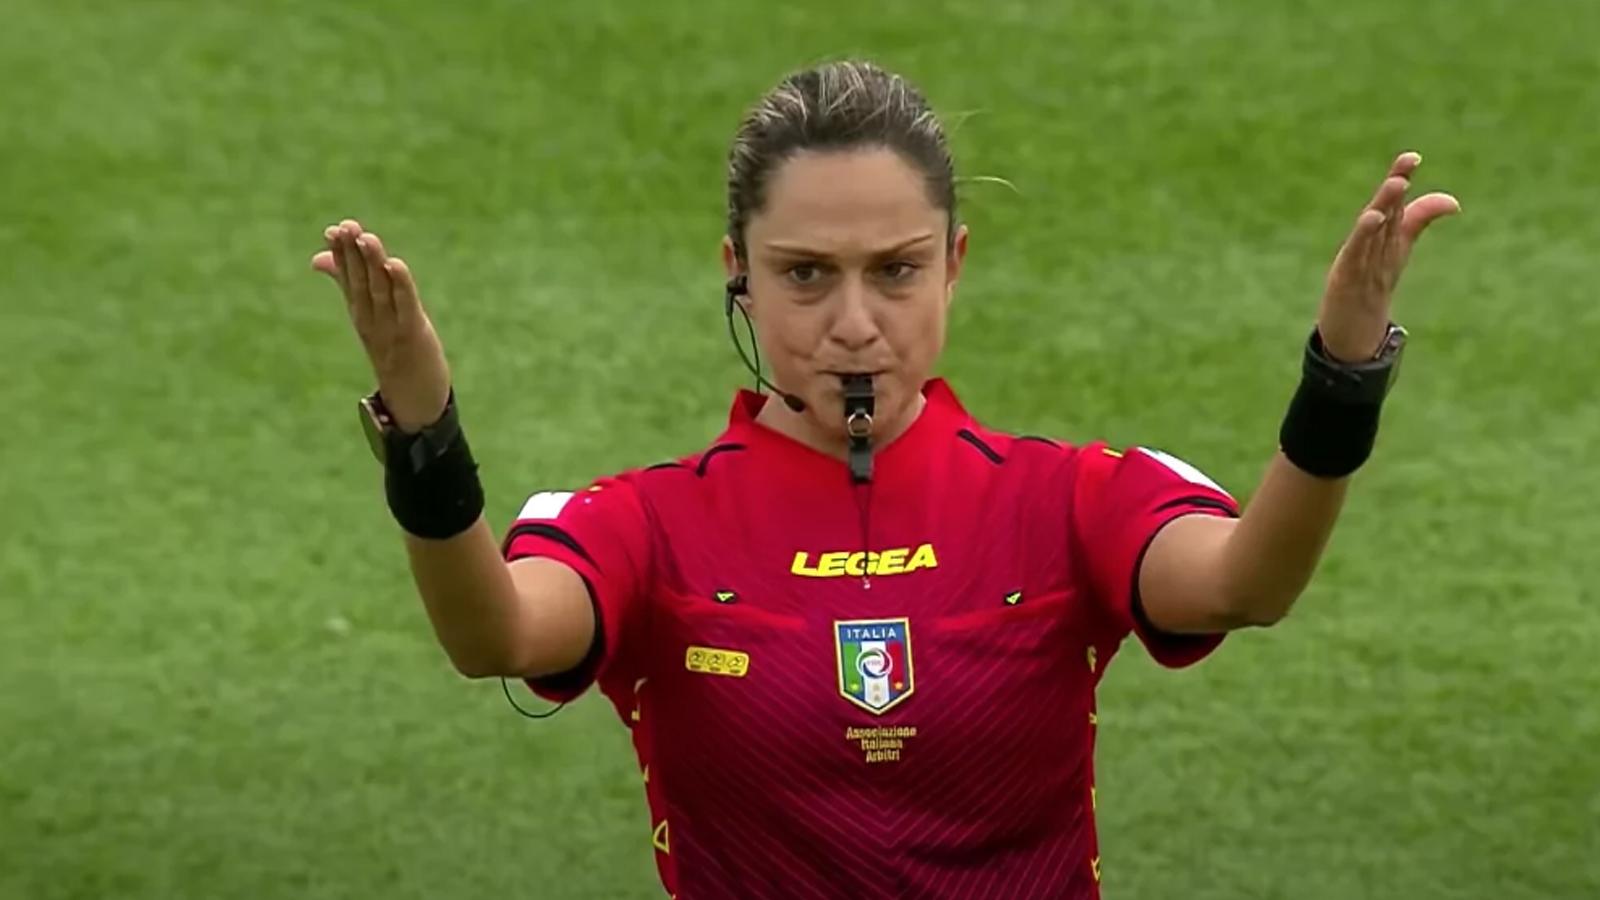 """Marotta, primo arbitro donna in B: """"Un sogno mai immaginato"""""""